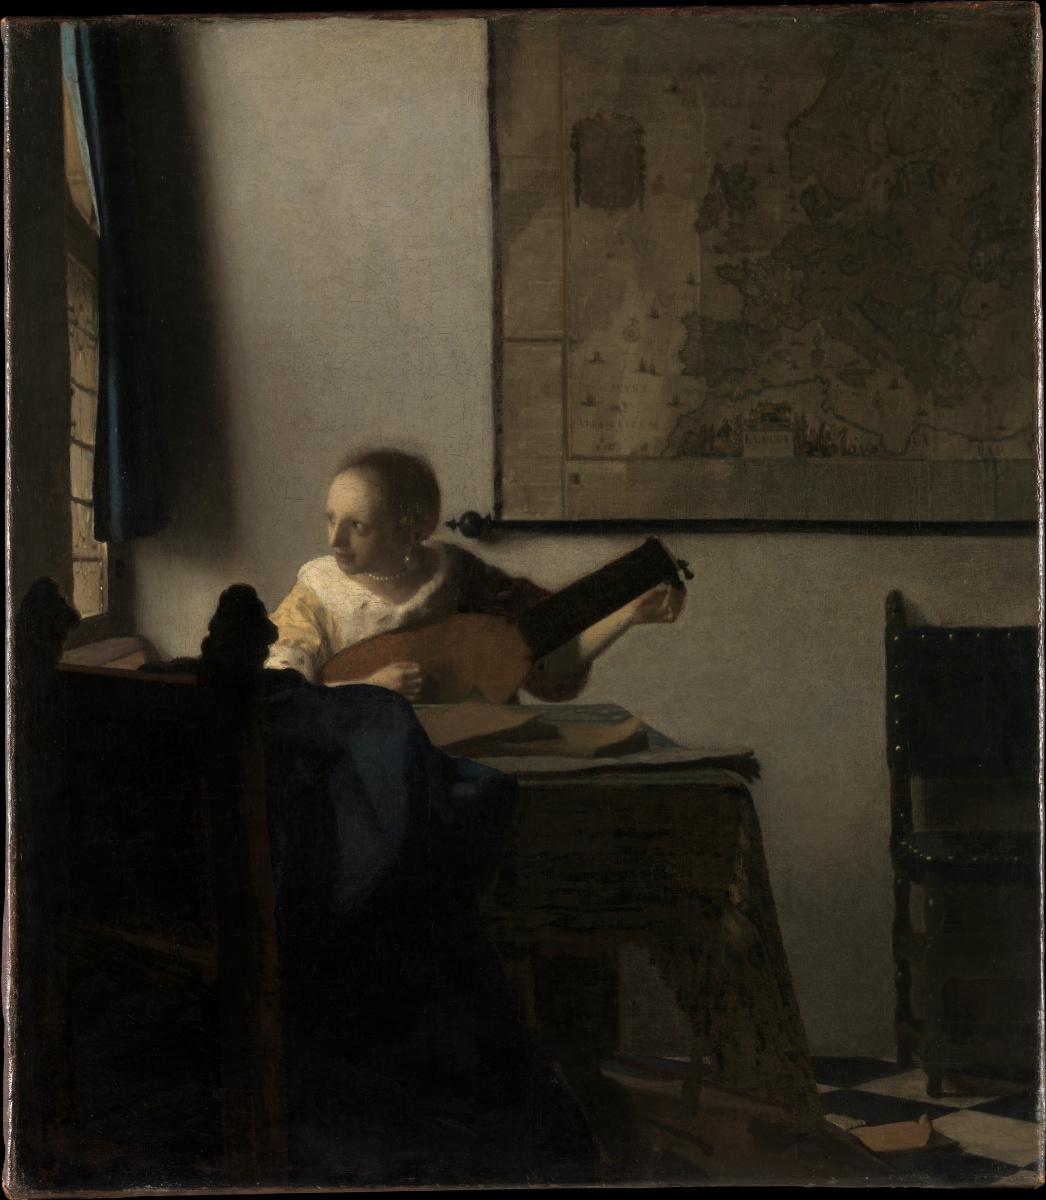 Jan Vermeer. Woman with a lute